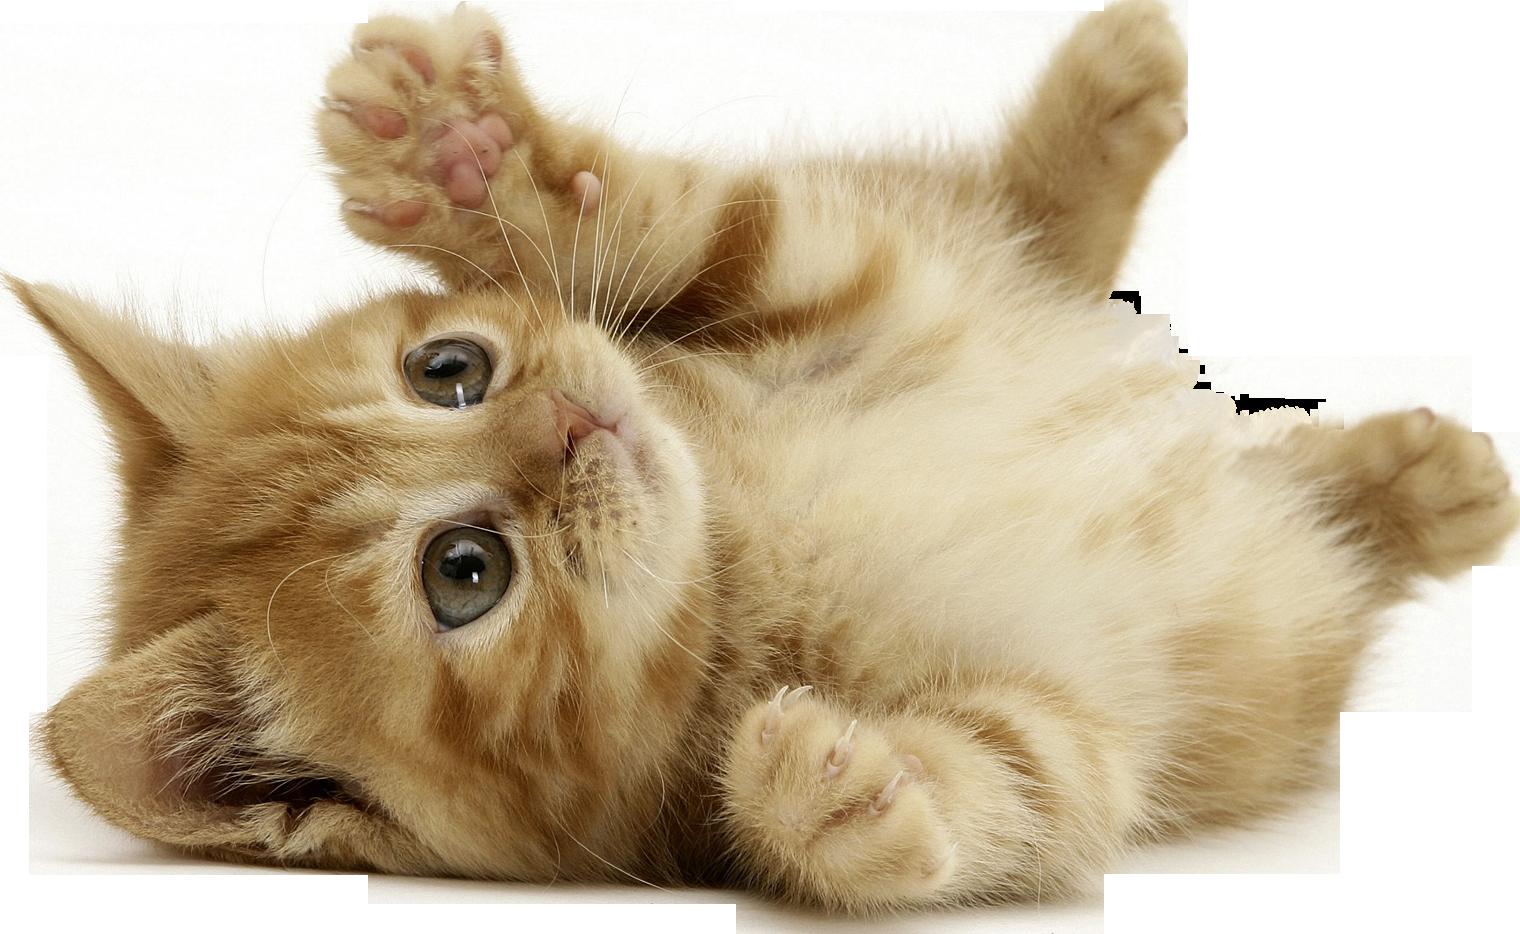 cat-png-2 - Cat PNG